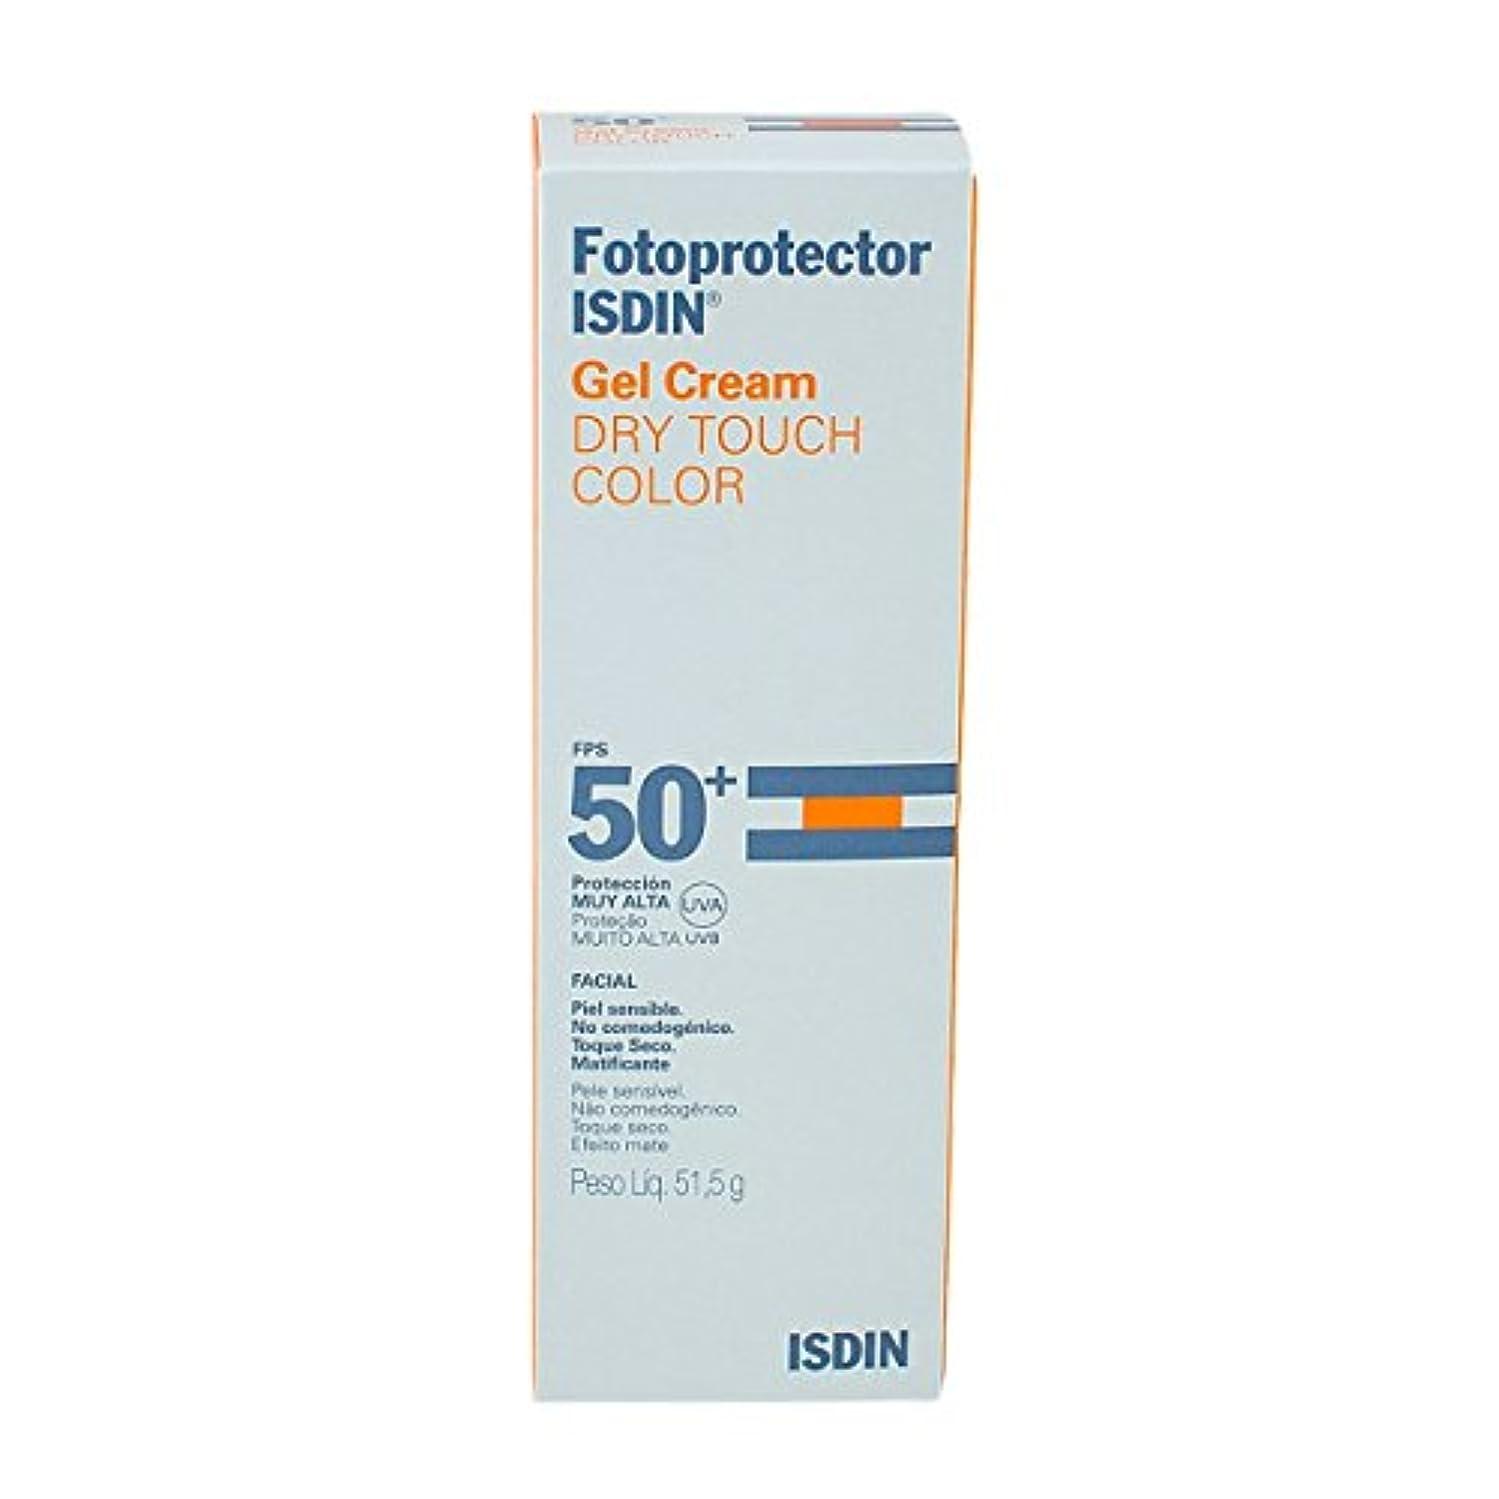 建設できない固有のIsdin Sunscreen Gel Cream Dry Touch Color Spf50+ 50ml [並行輸入品]